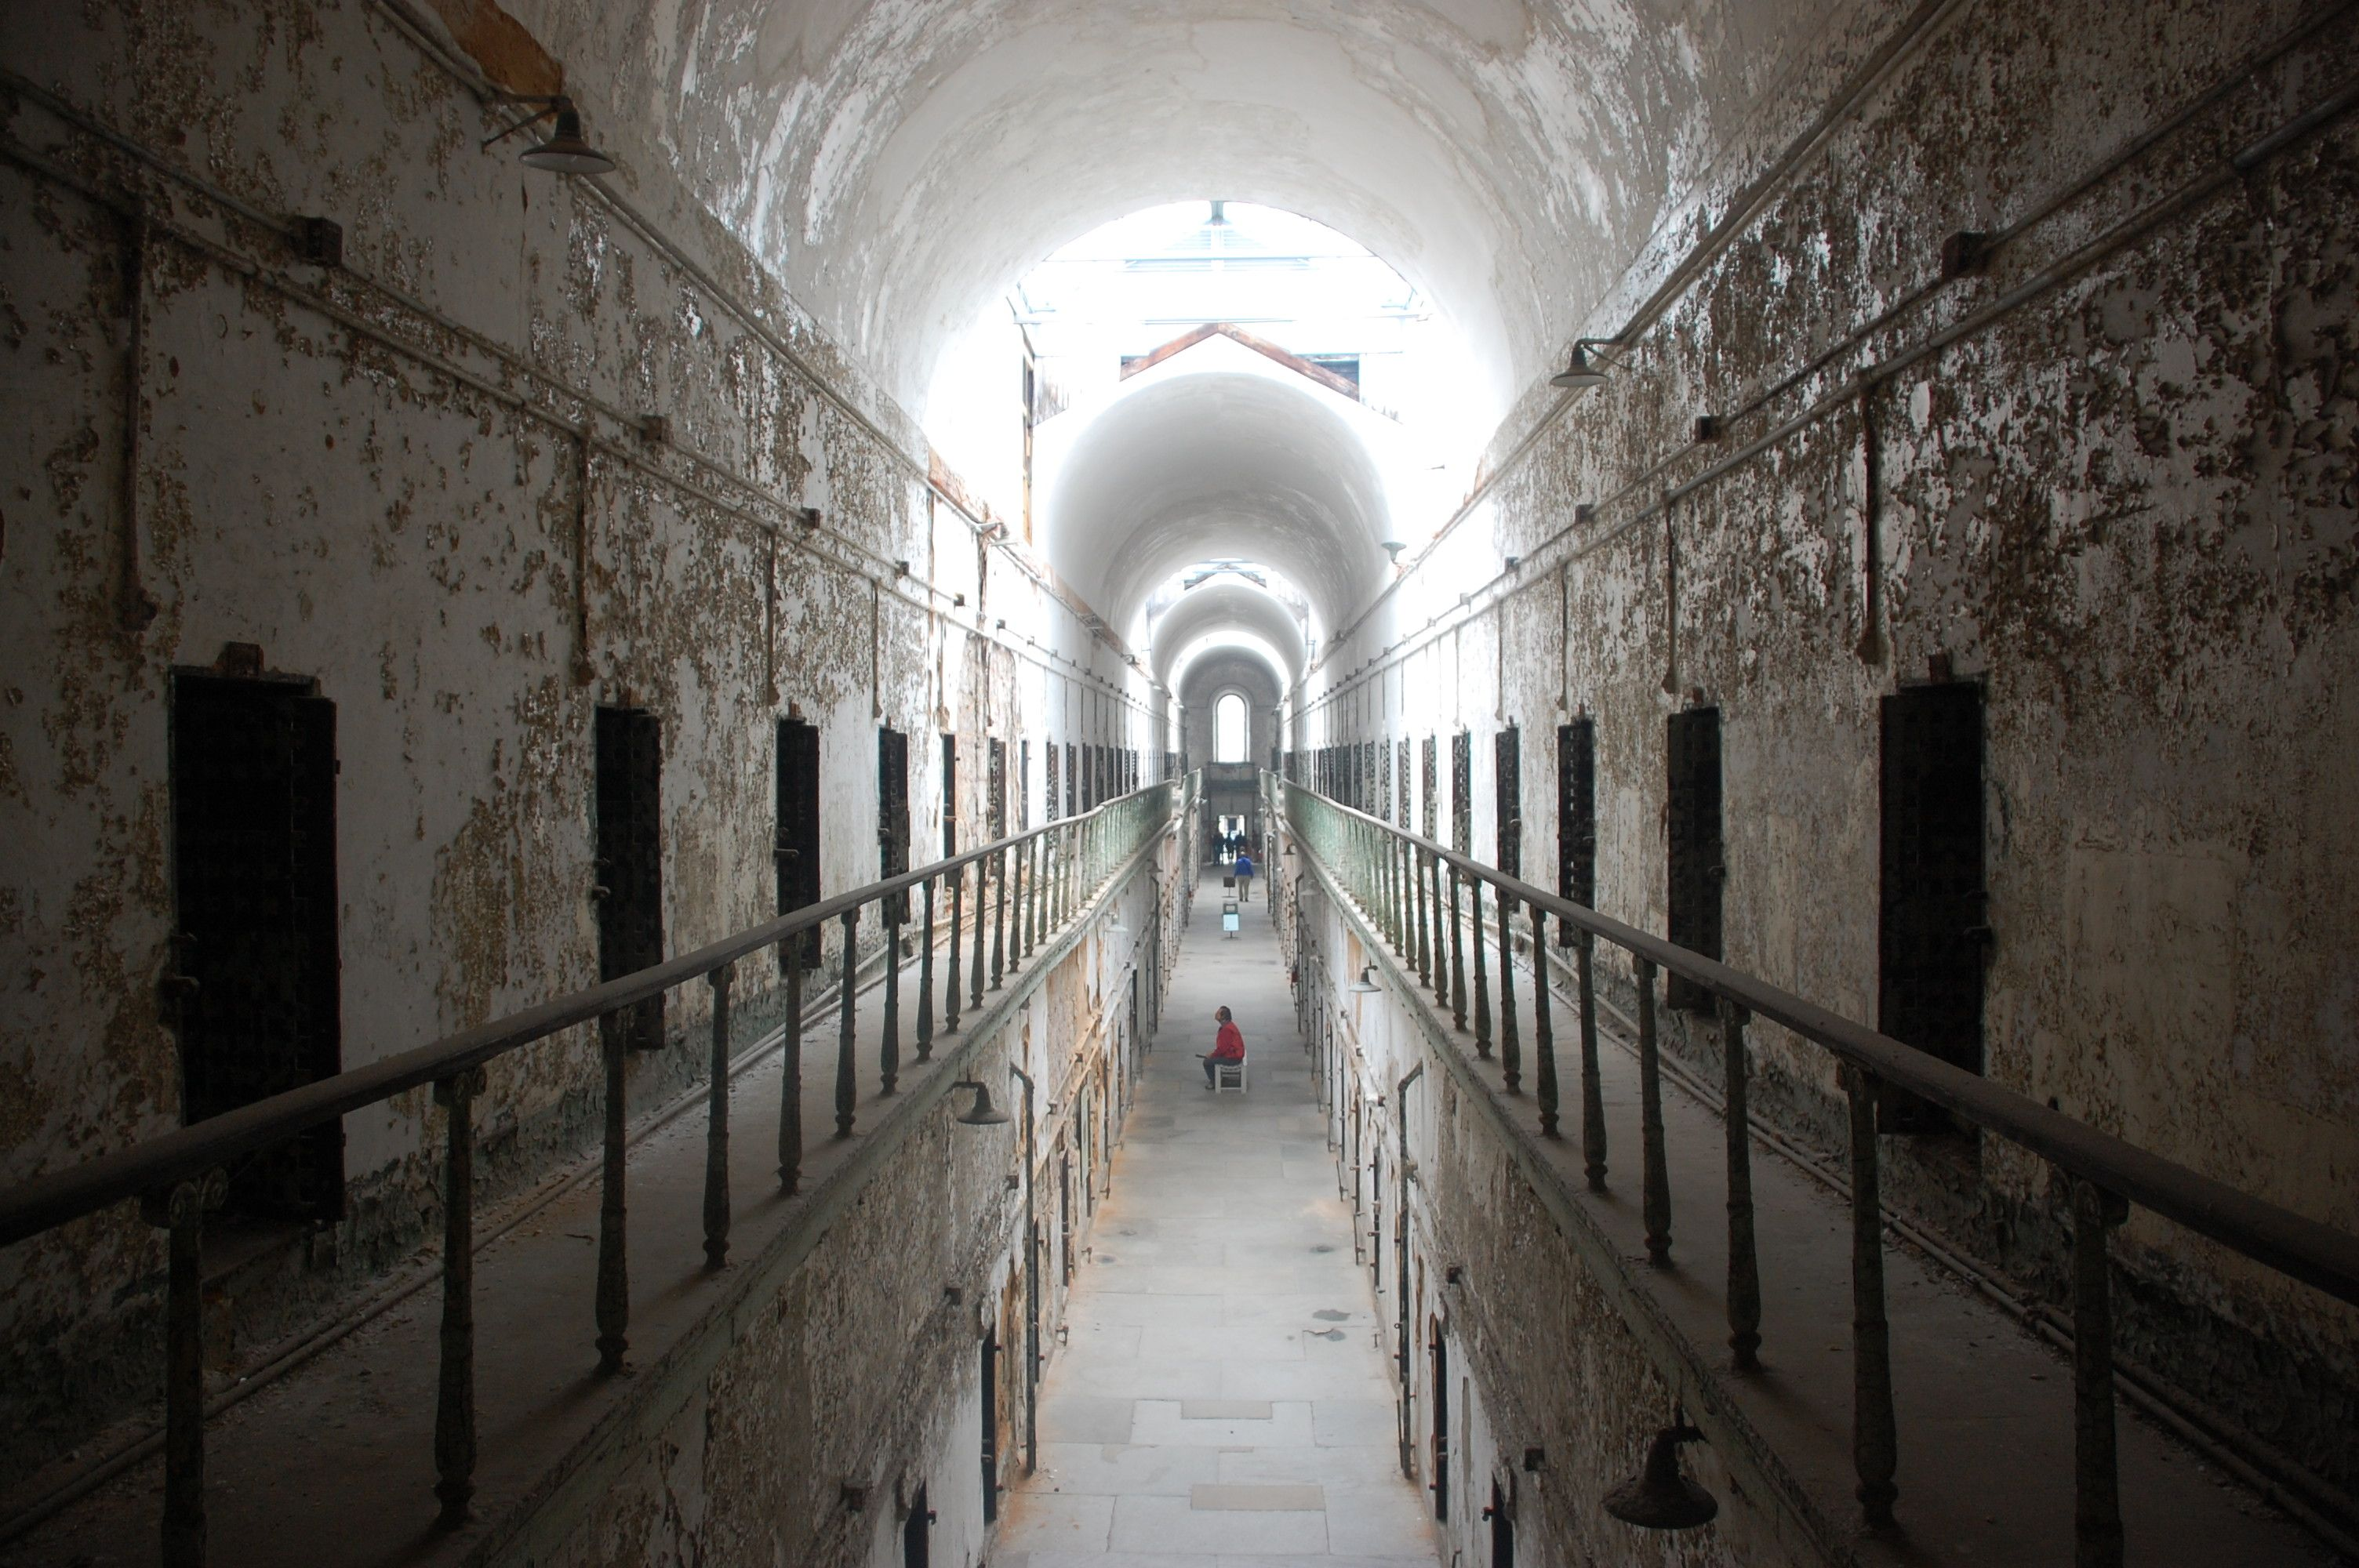 al capone ghost at alcatraz penitentiary al capone